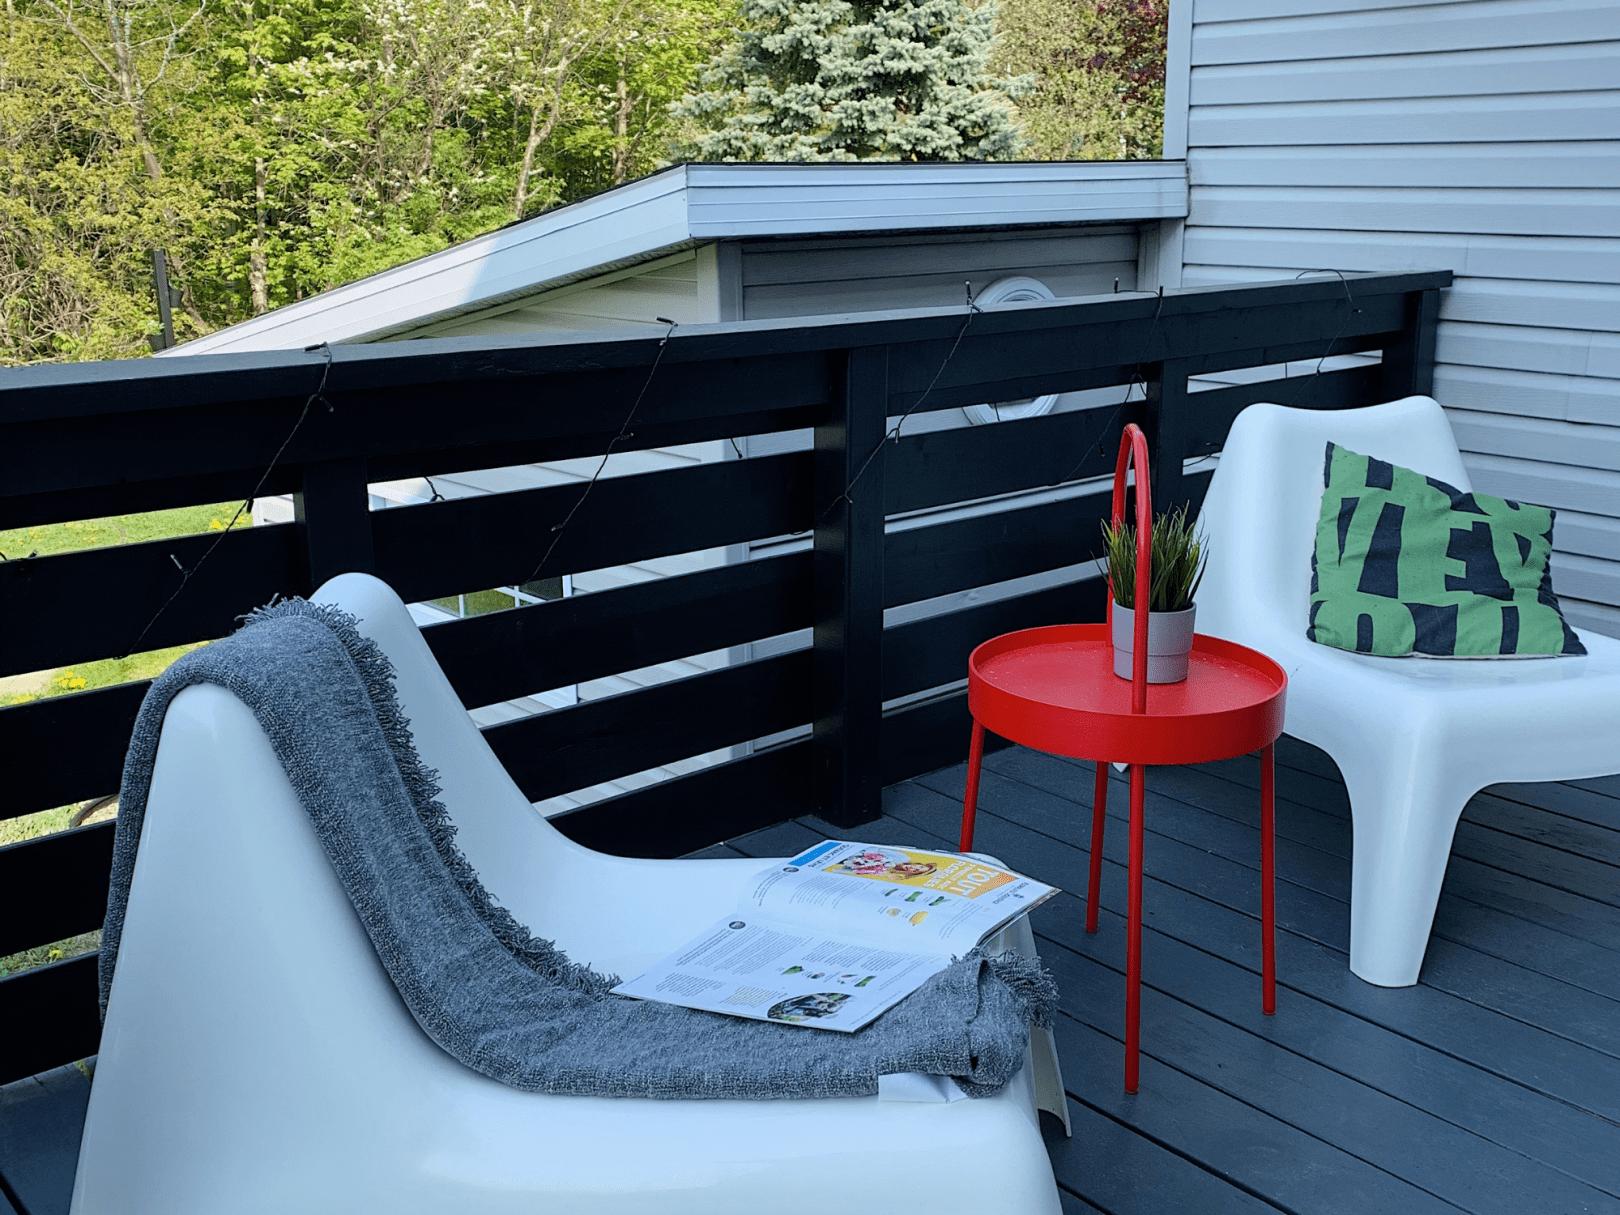 Comment bien décorer sa terrasse?